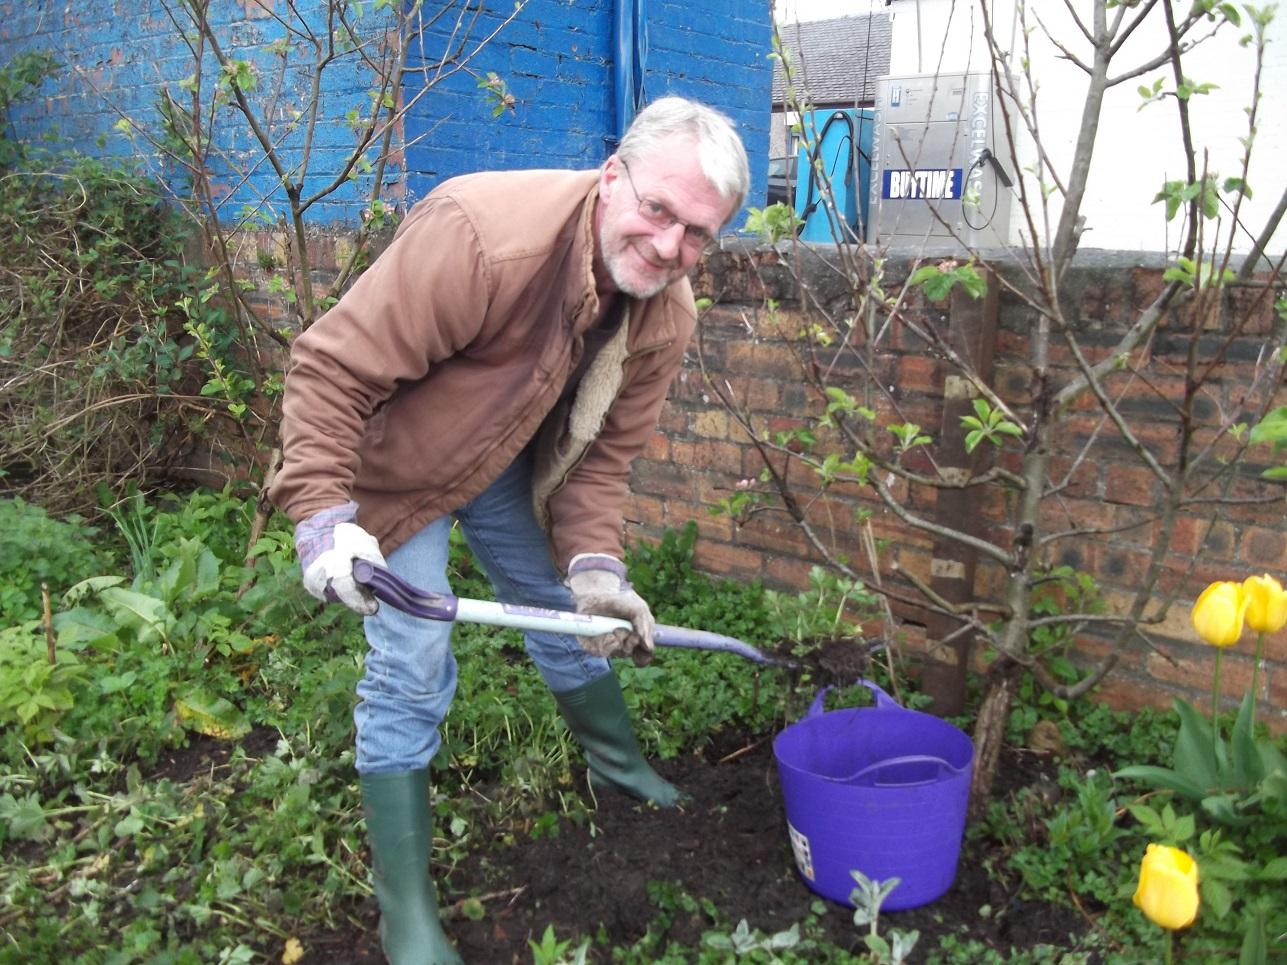 CEI volunteer Robert working hard to maintain the New Cumnock Community Wildlife Garden